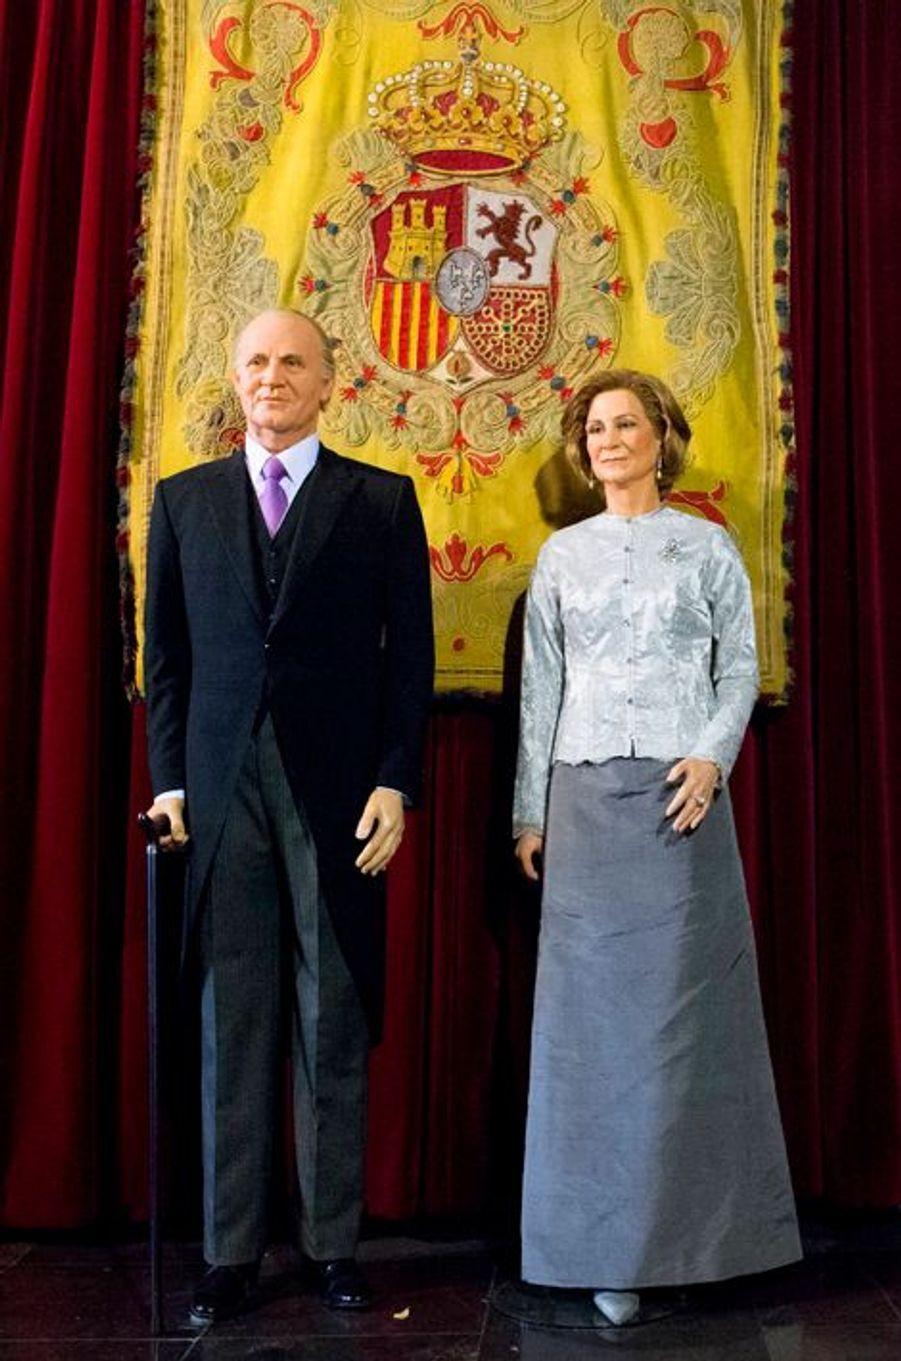 Les statues de cire de l'ancien roi Juan Carlos et de l'ancienne reine Sofia au Museo de Cera à Madrid, le 12 octobre 2014